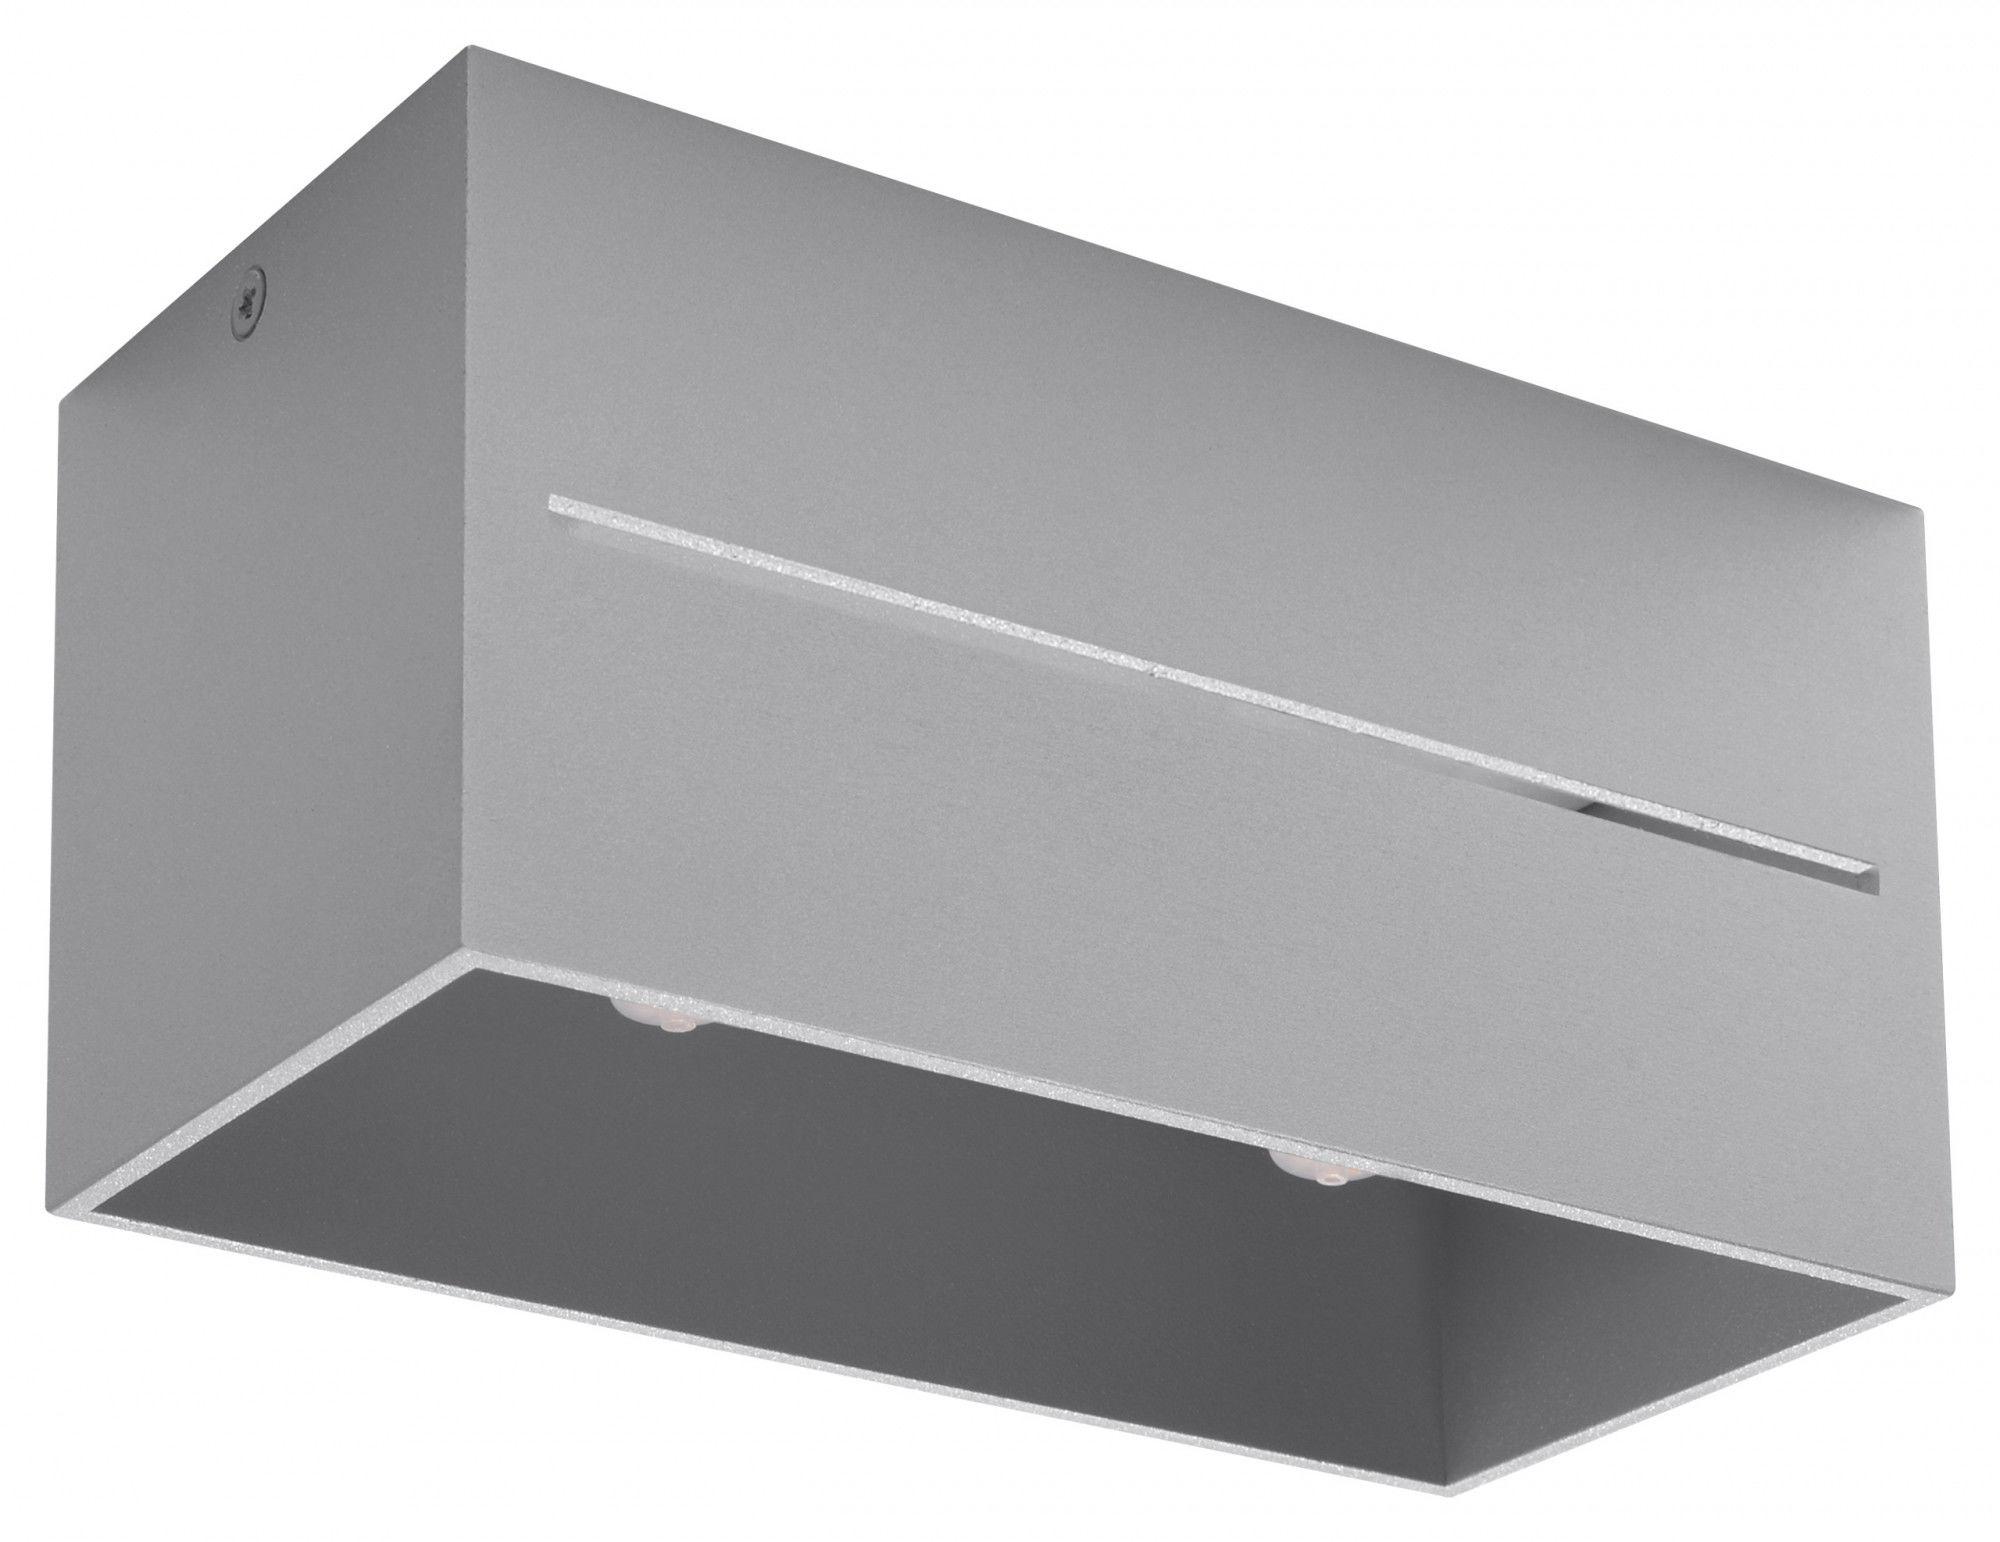 Szary prostokątny plafon LED - EX510-Lobi